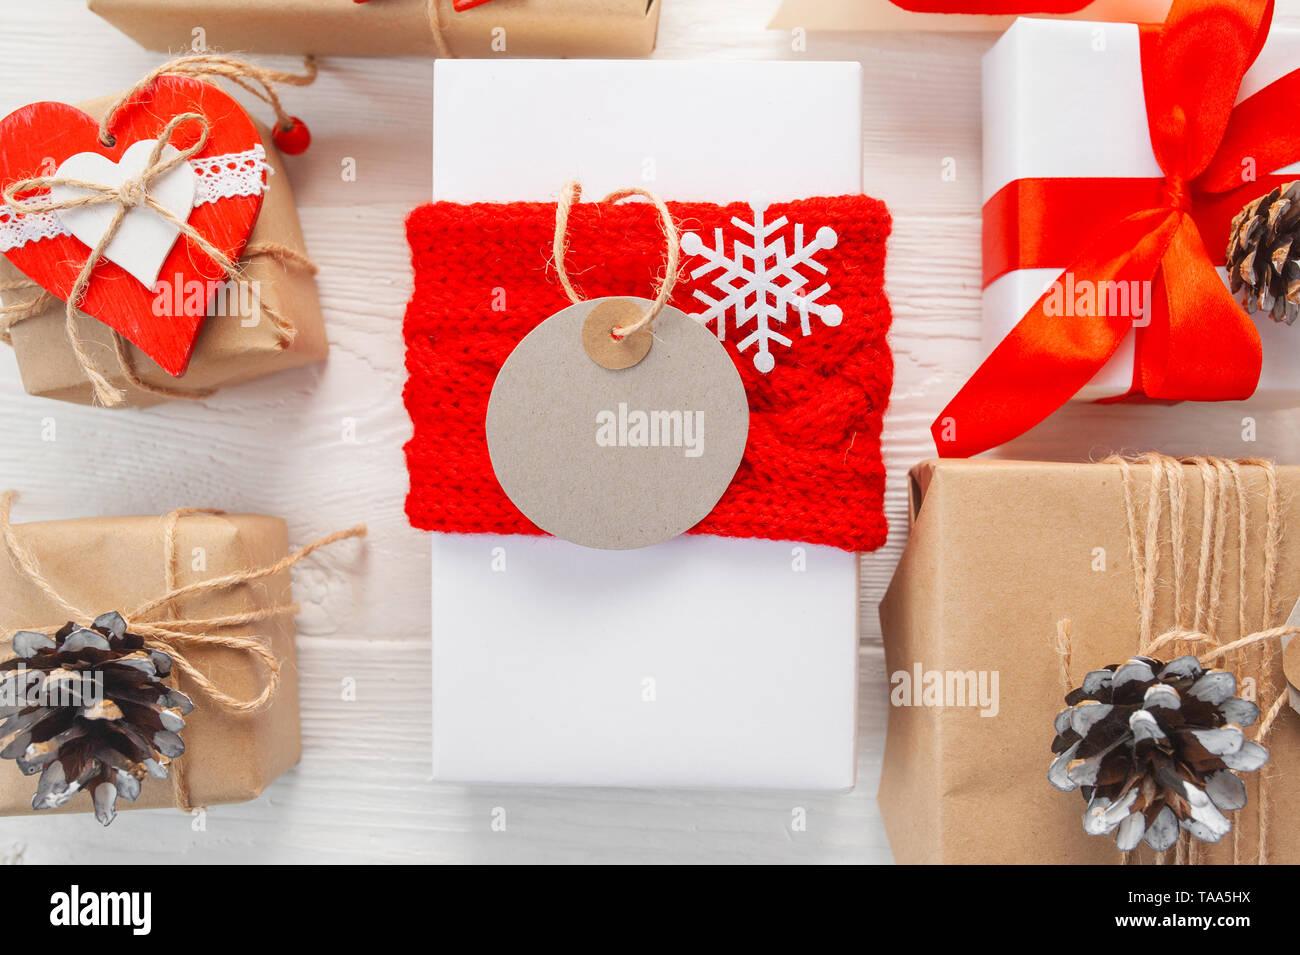 Mockup Weihnachten kraft Geschenkboxen mit Tag auf Holz- Hintergrund. Ansicht von oben für Weihnachten Grußkarte. Stockbild